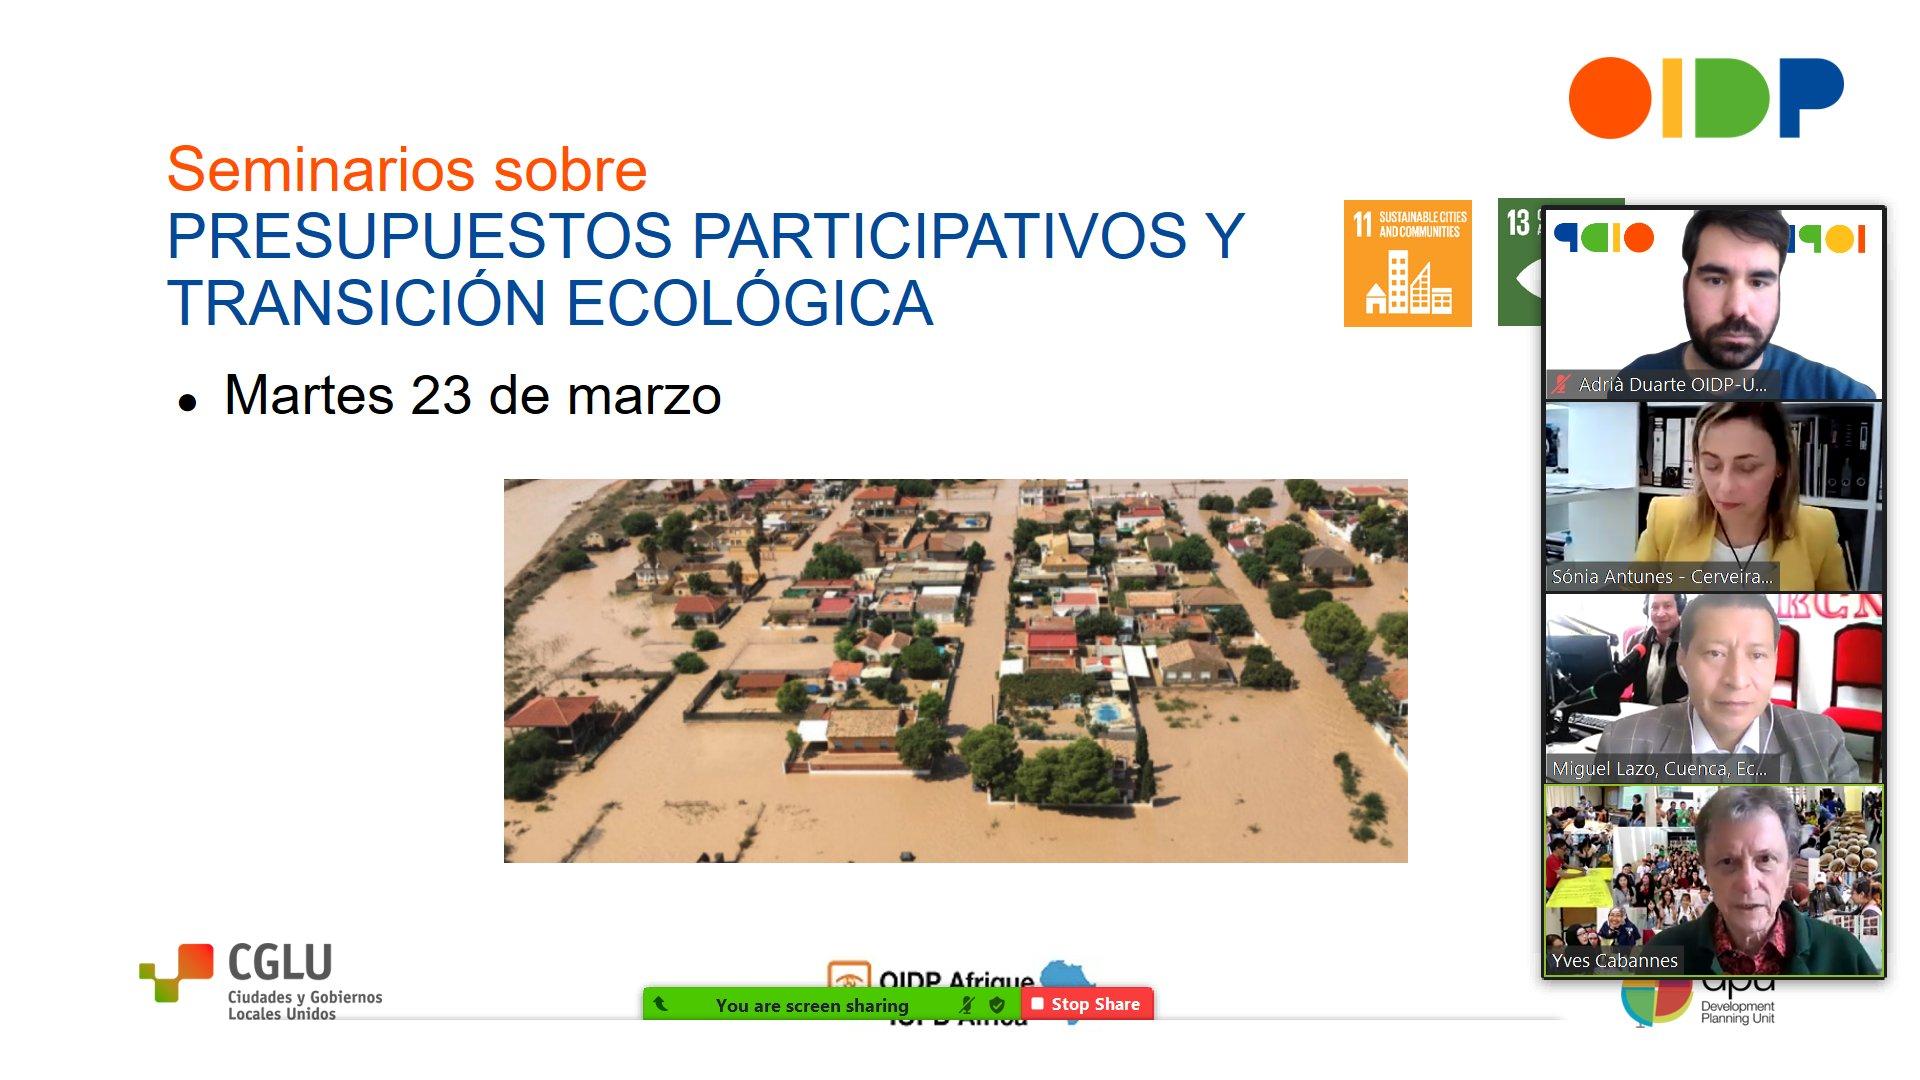 """Seminario internacional """"Contribuciones de los presupuestos participativos a la adaptación y mitigación del cambio climático"""" del OIDP"""